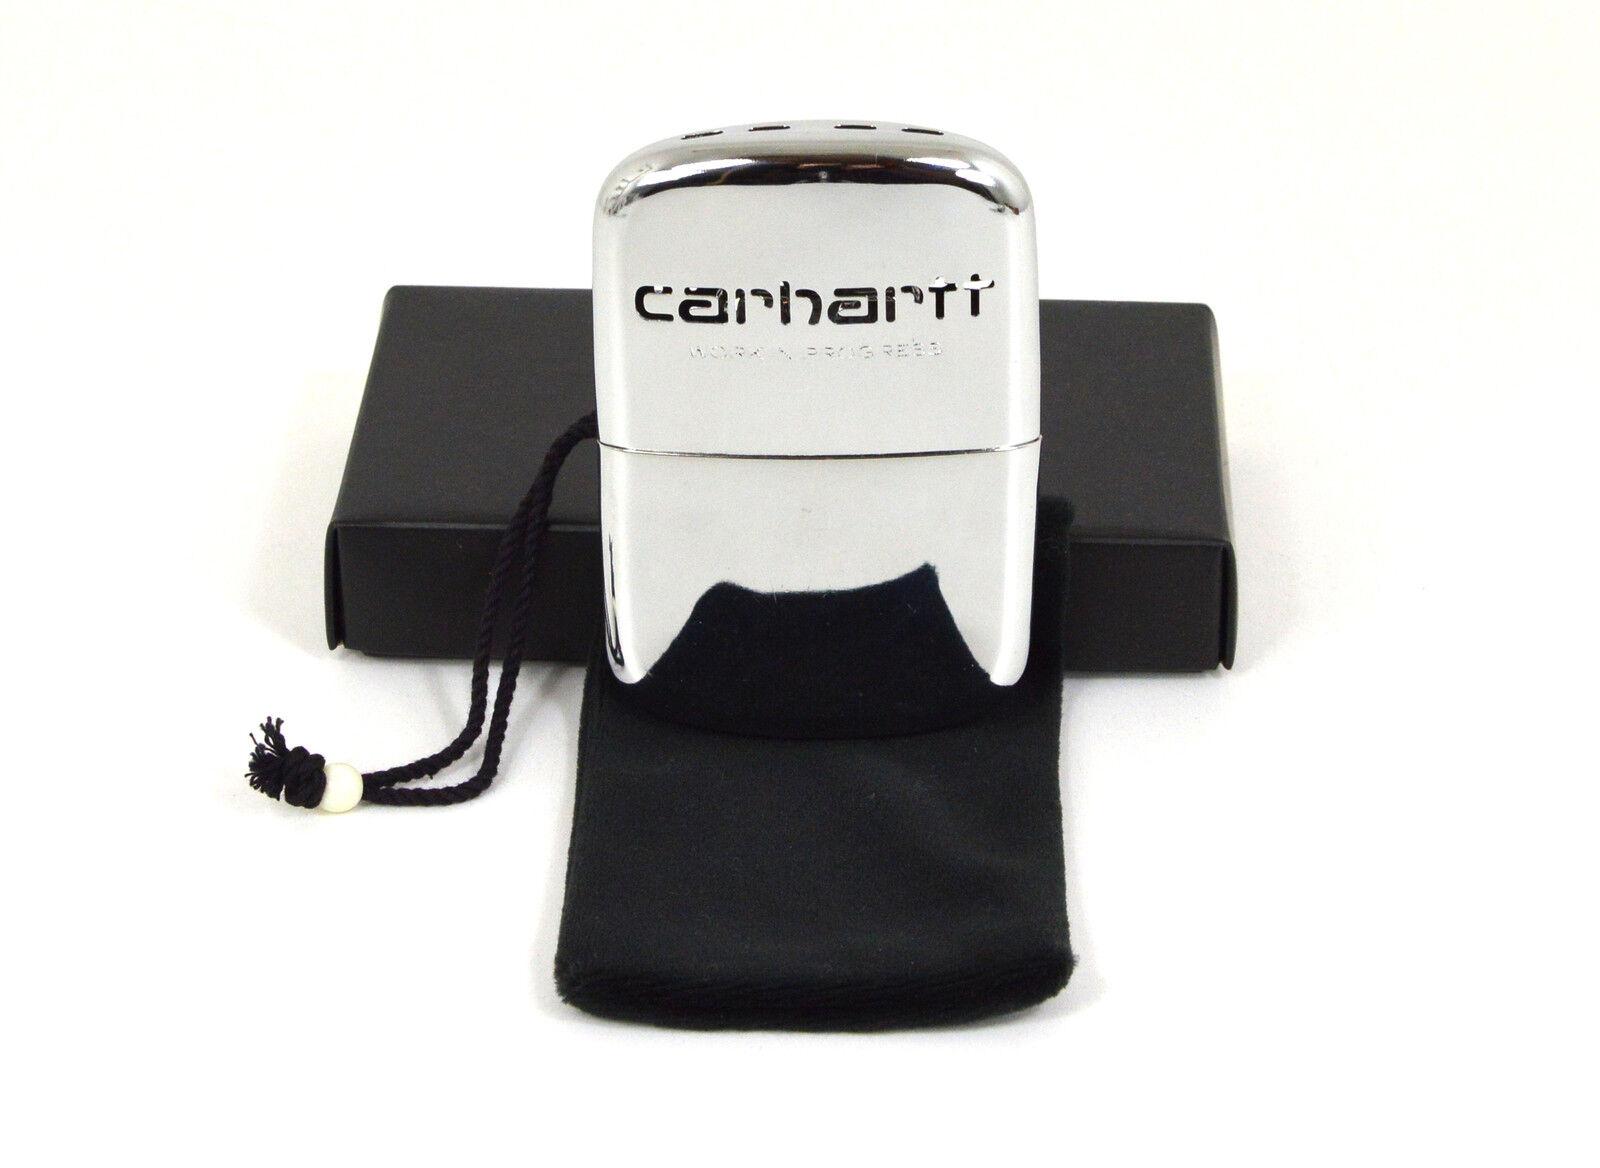 Carhartt Wip Poche chaud, métal ,couleur ,couleur ,couleur alu,poches Chaudes, NEUF ded90d